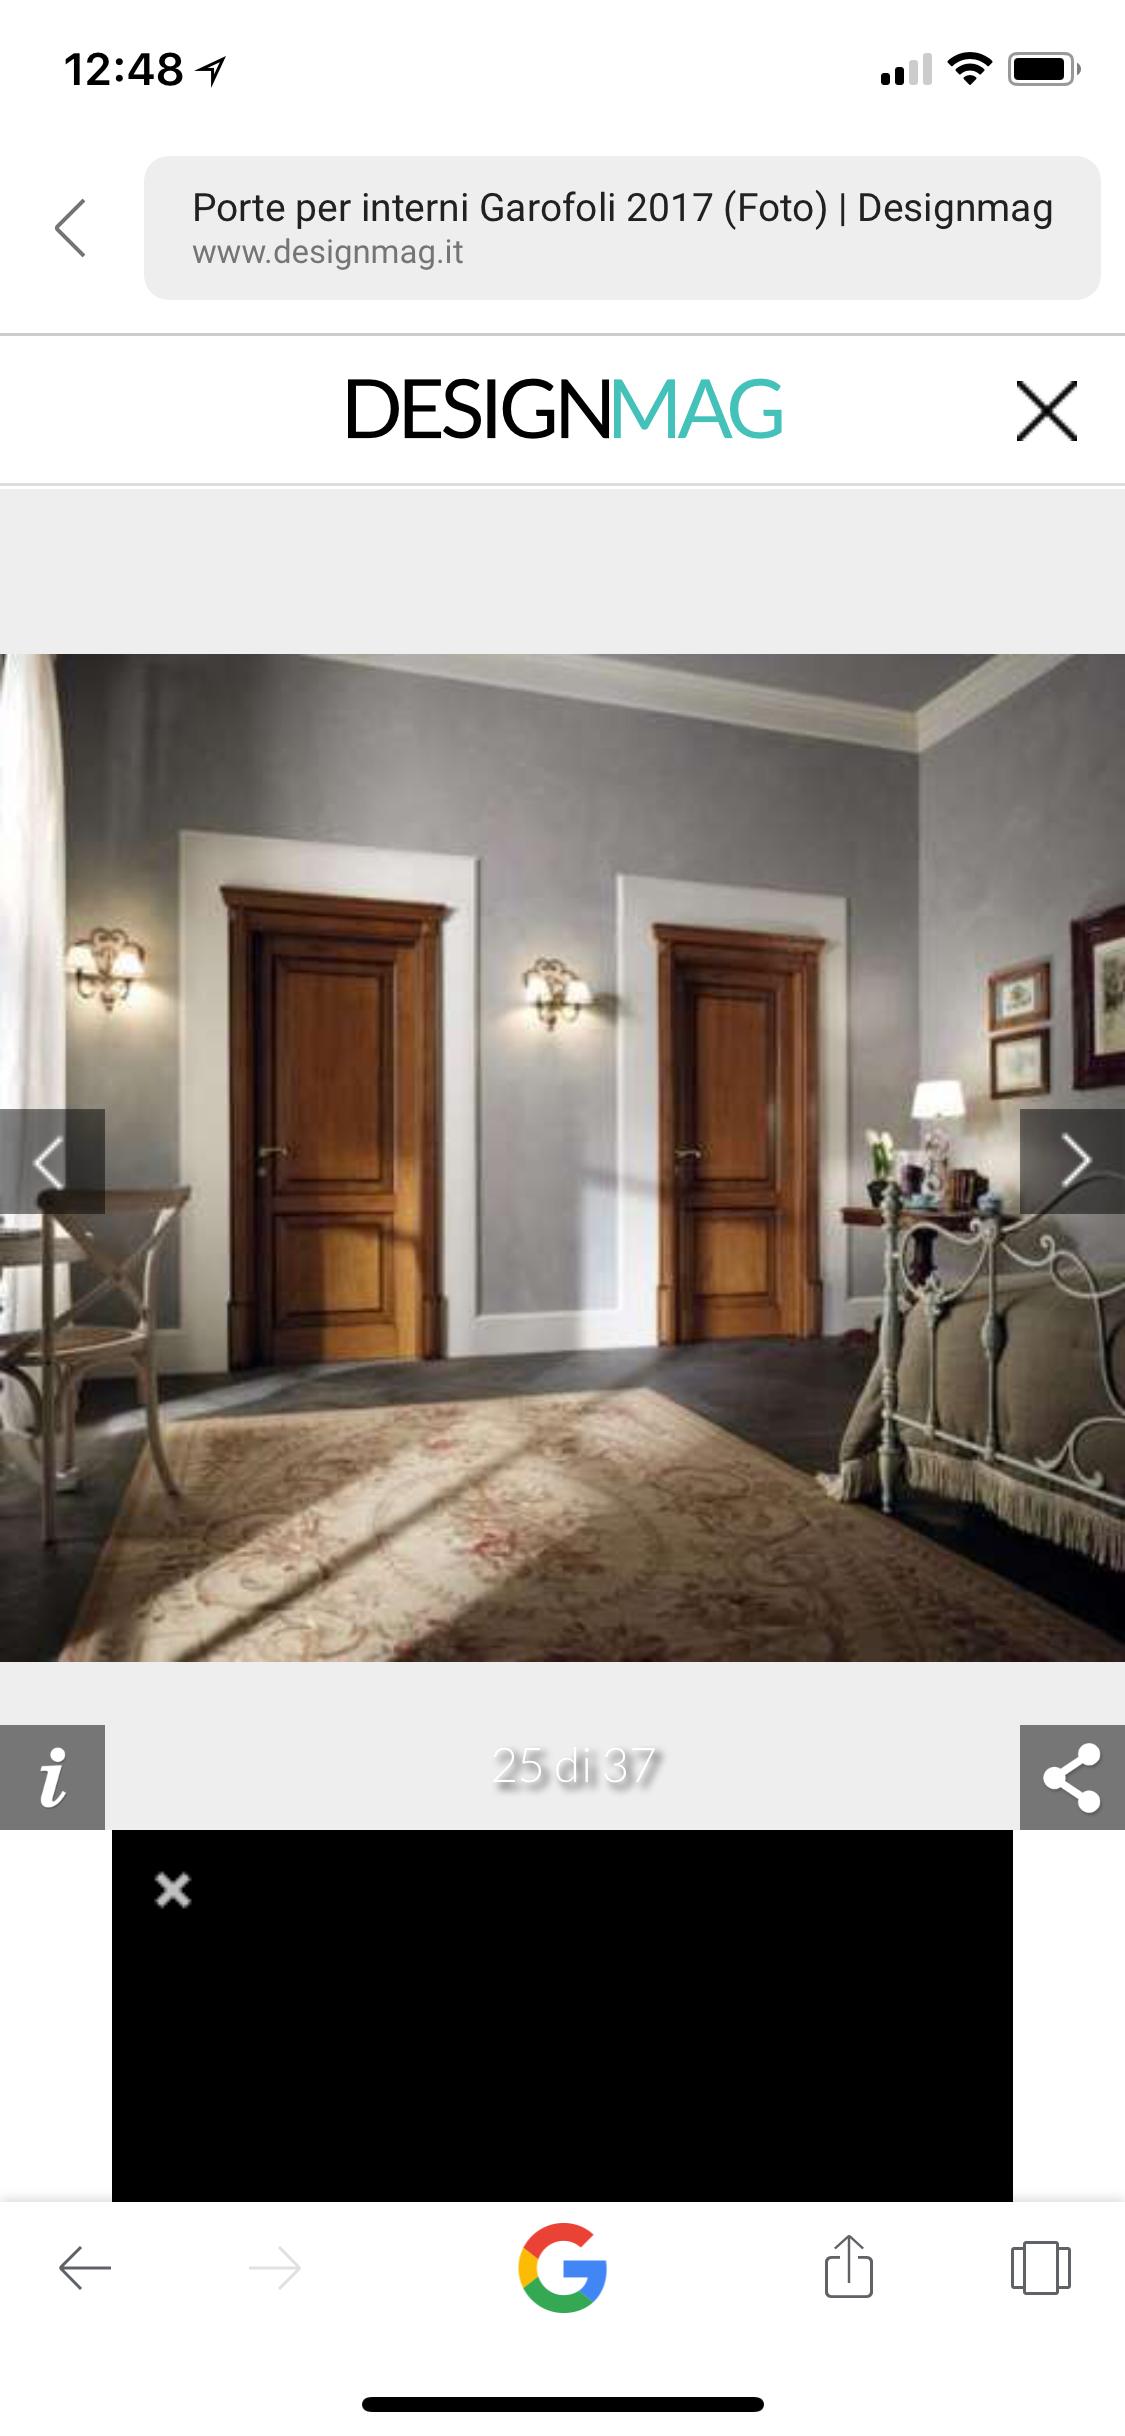 Designmag Salle De Bain Frais Photographie épinglé Par Romana Grosso Sur Arredamento